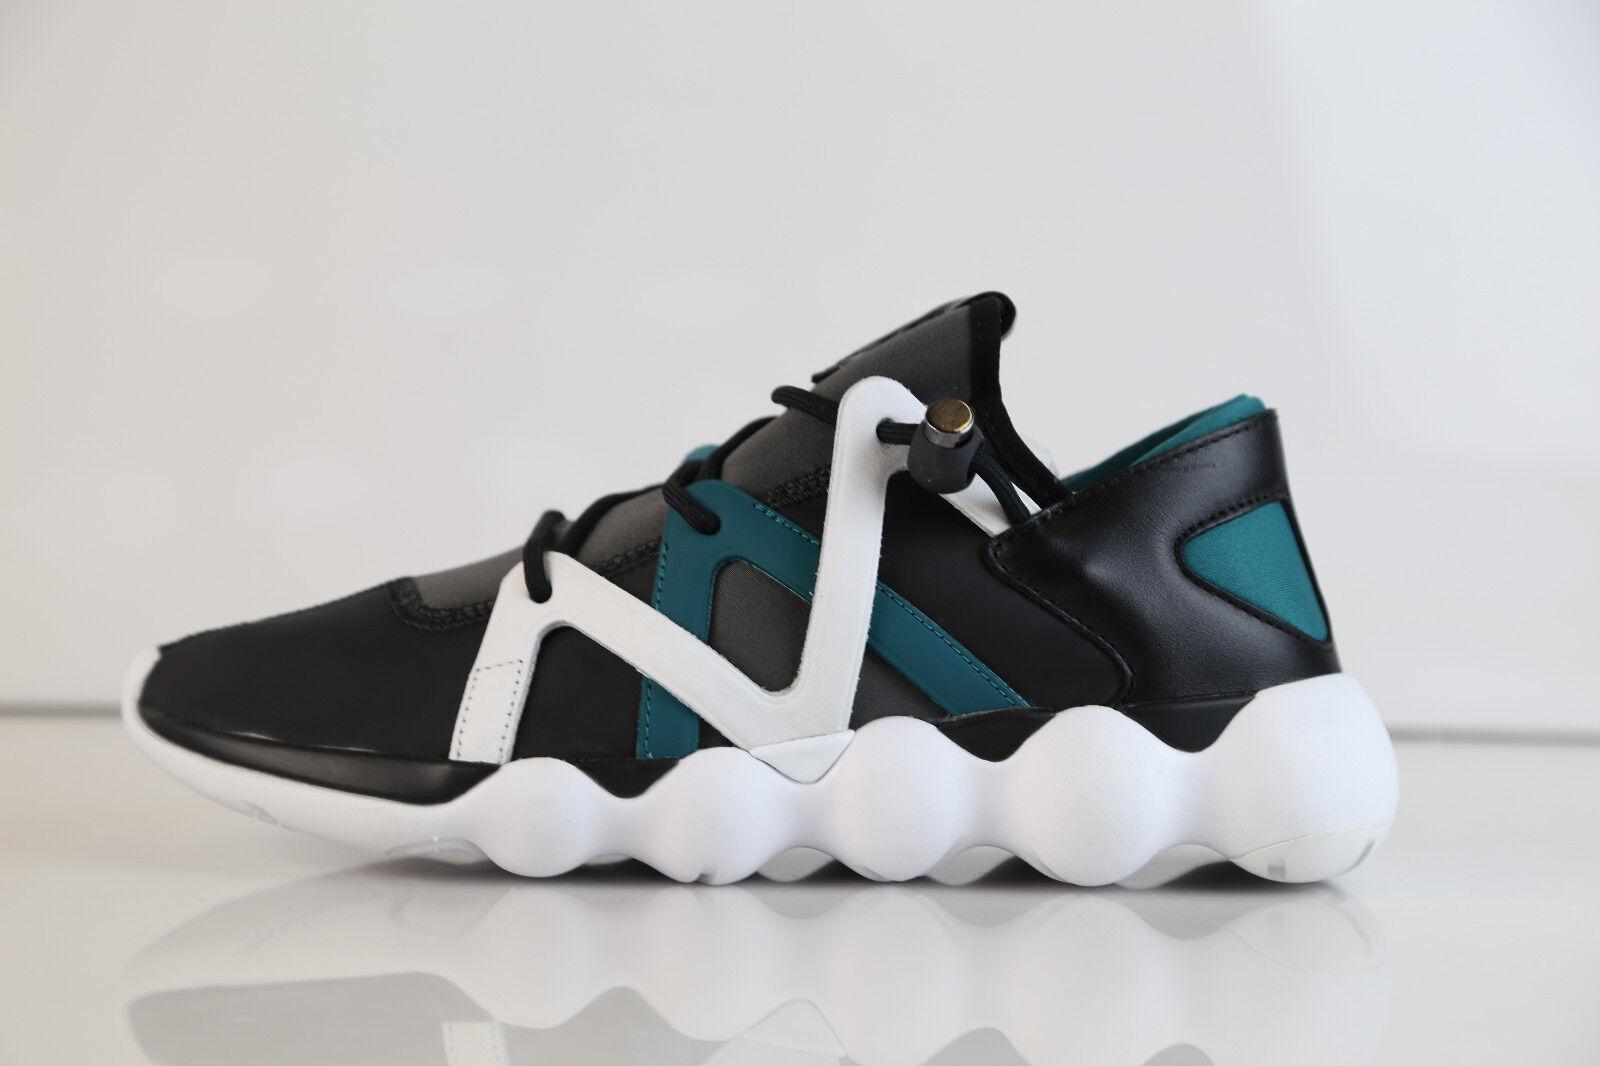 Adidas y-3 yohjia kyujo yamamoto kyujo yohjia wieder weiße teal bb4737 7.5-12.5 y3 auftrieb. c57905